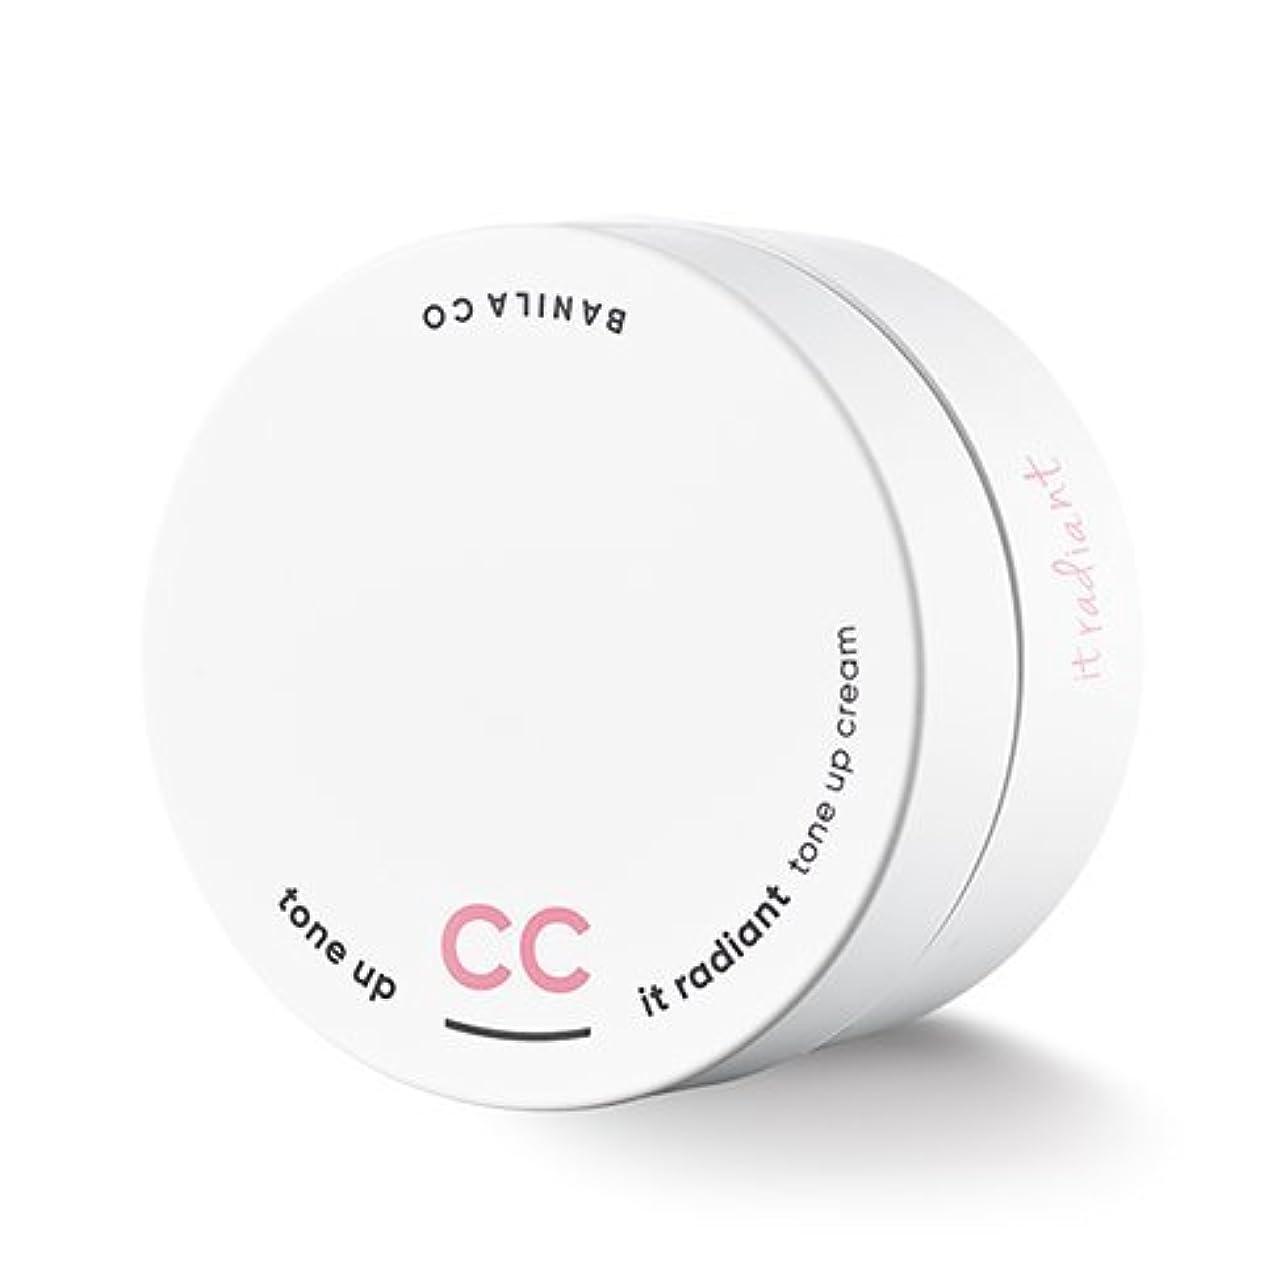 最少硬さ個人BANILA CO It Radiant CC Tone Up Cream 50ml/バニラコ イット ラディアント CC トーンアップ クリーム 50ml [並行輸入品]